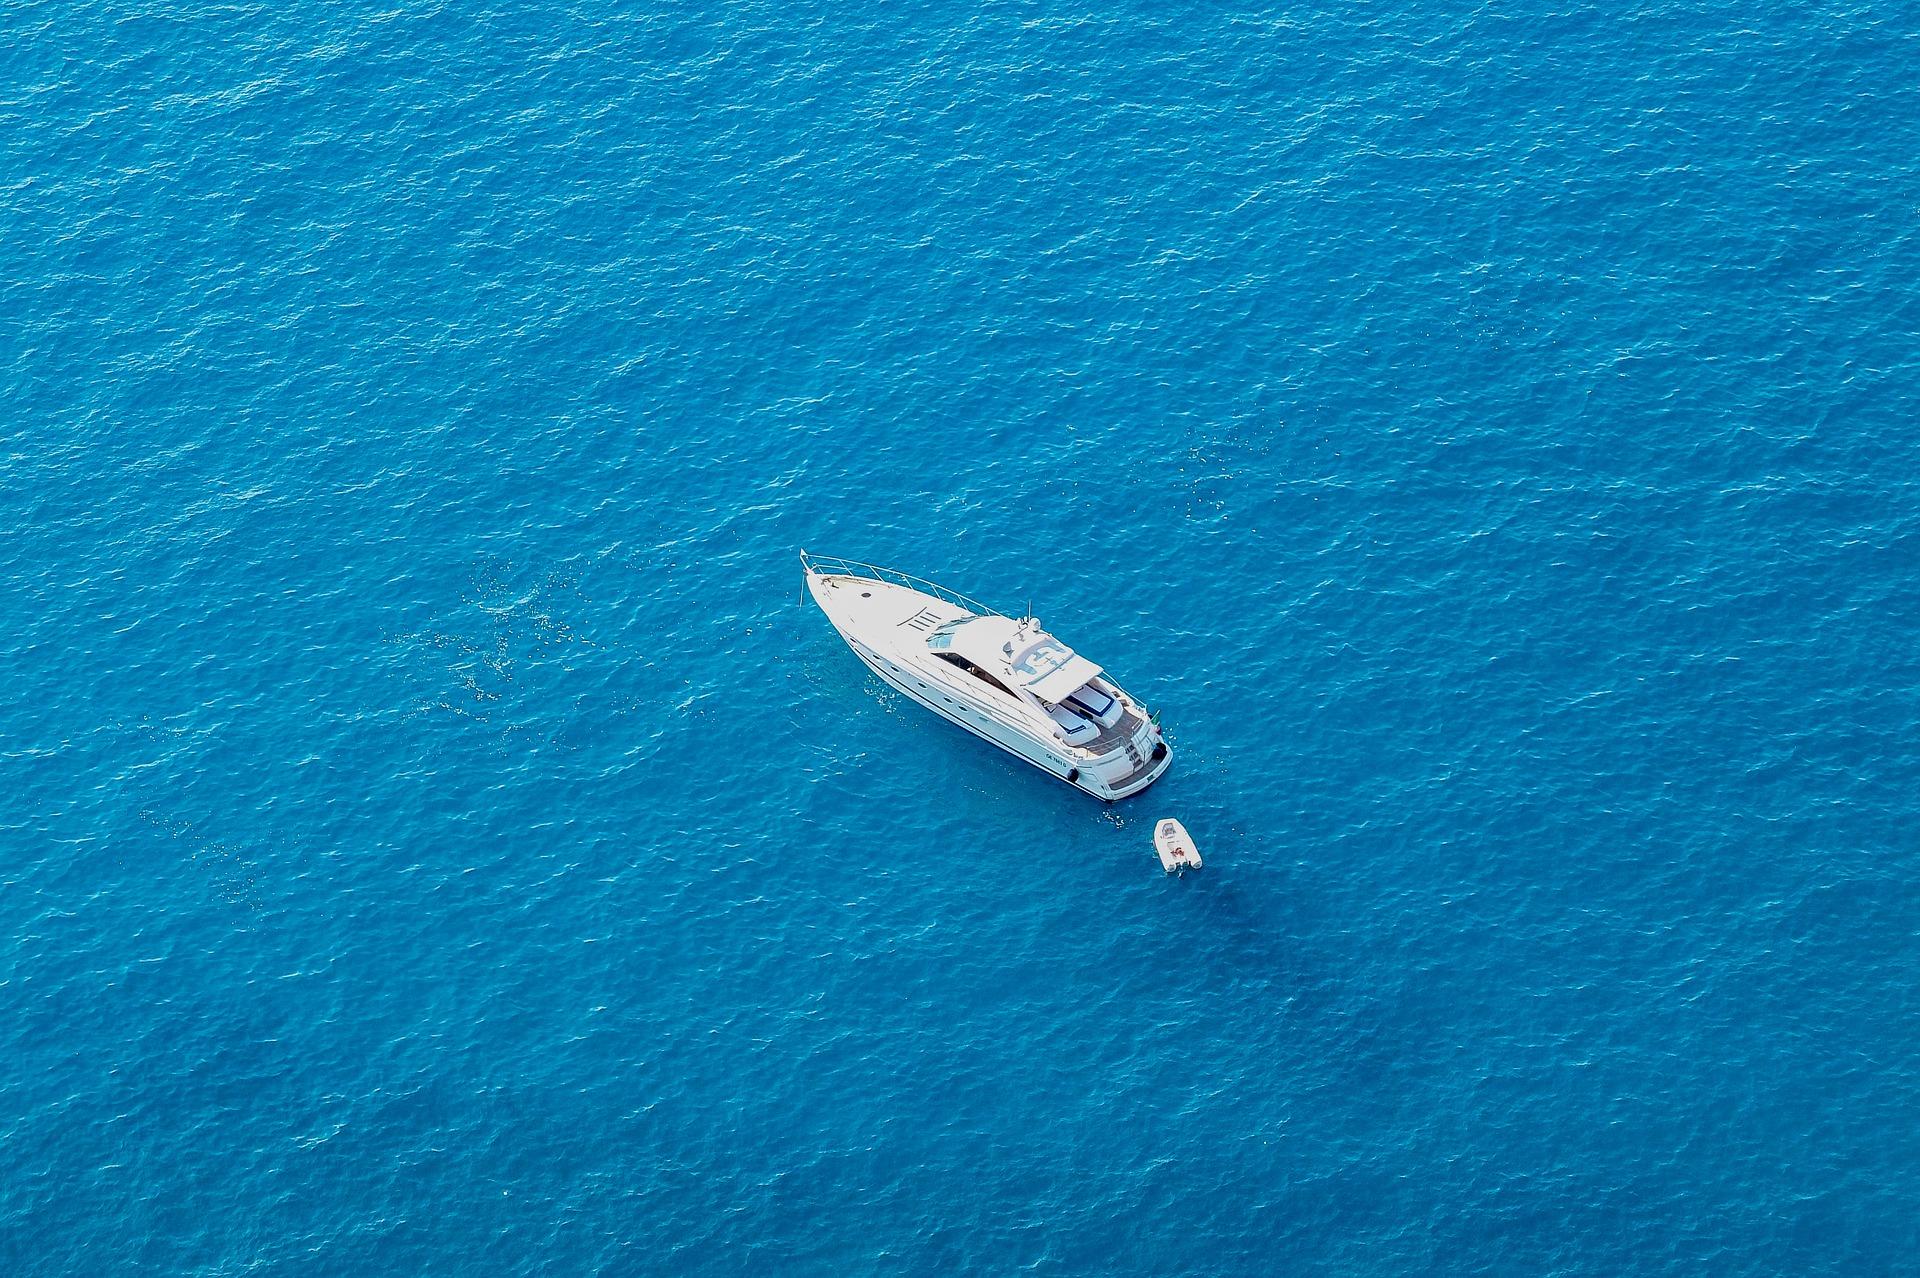 boat chartering, motor boat, sea, blue